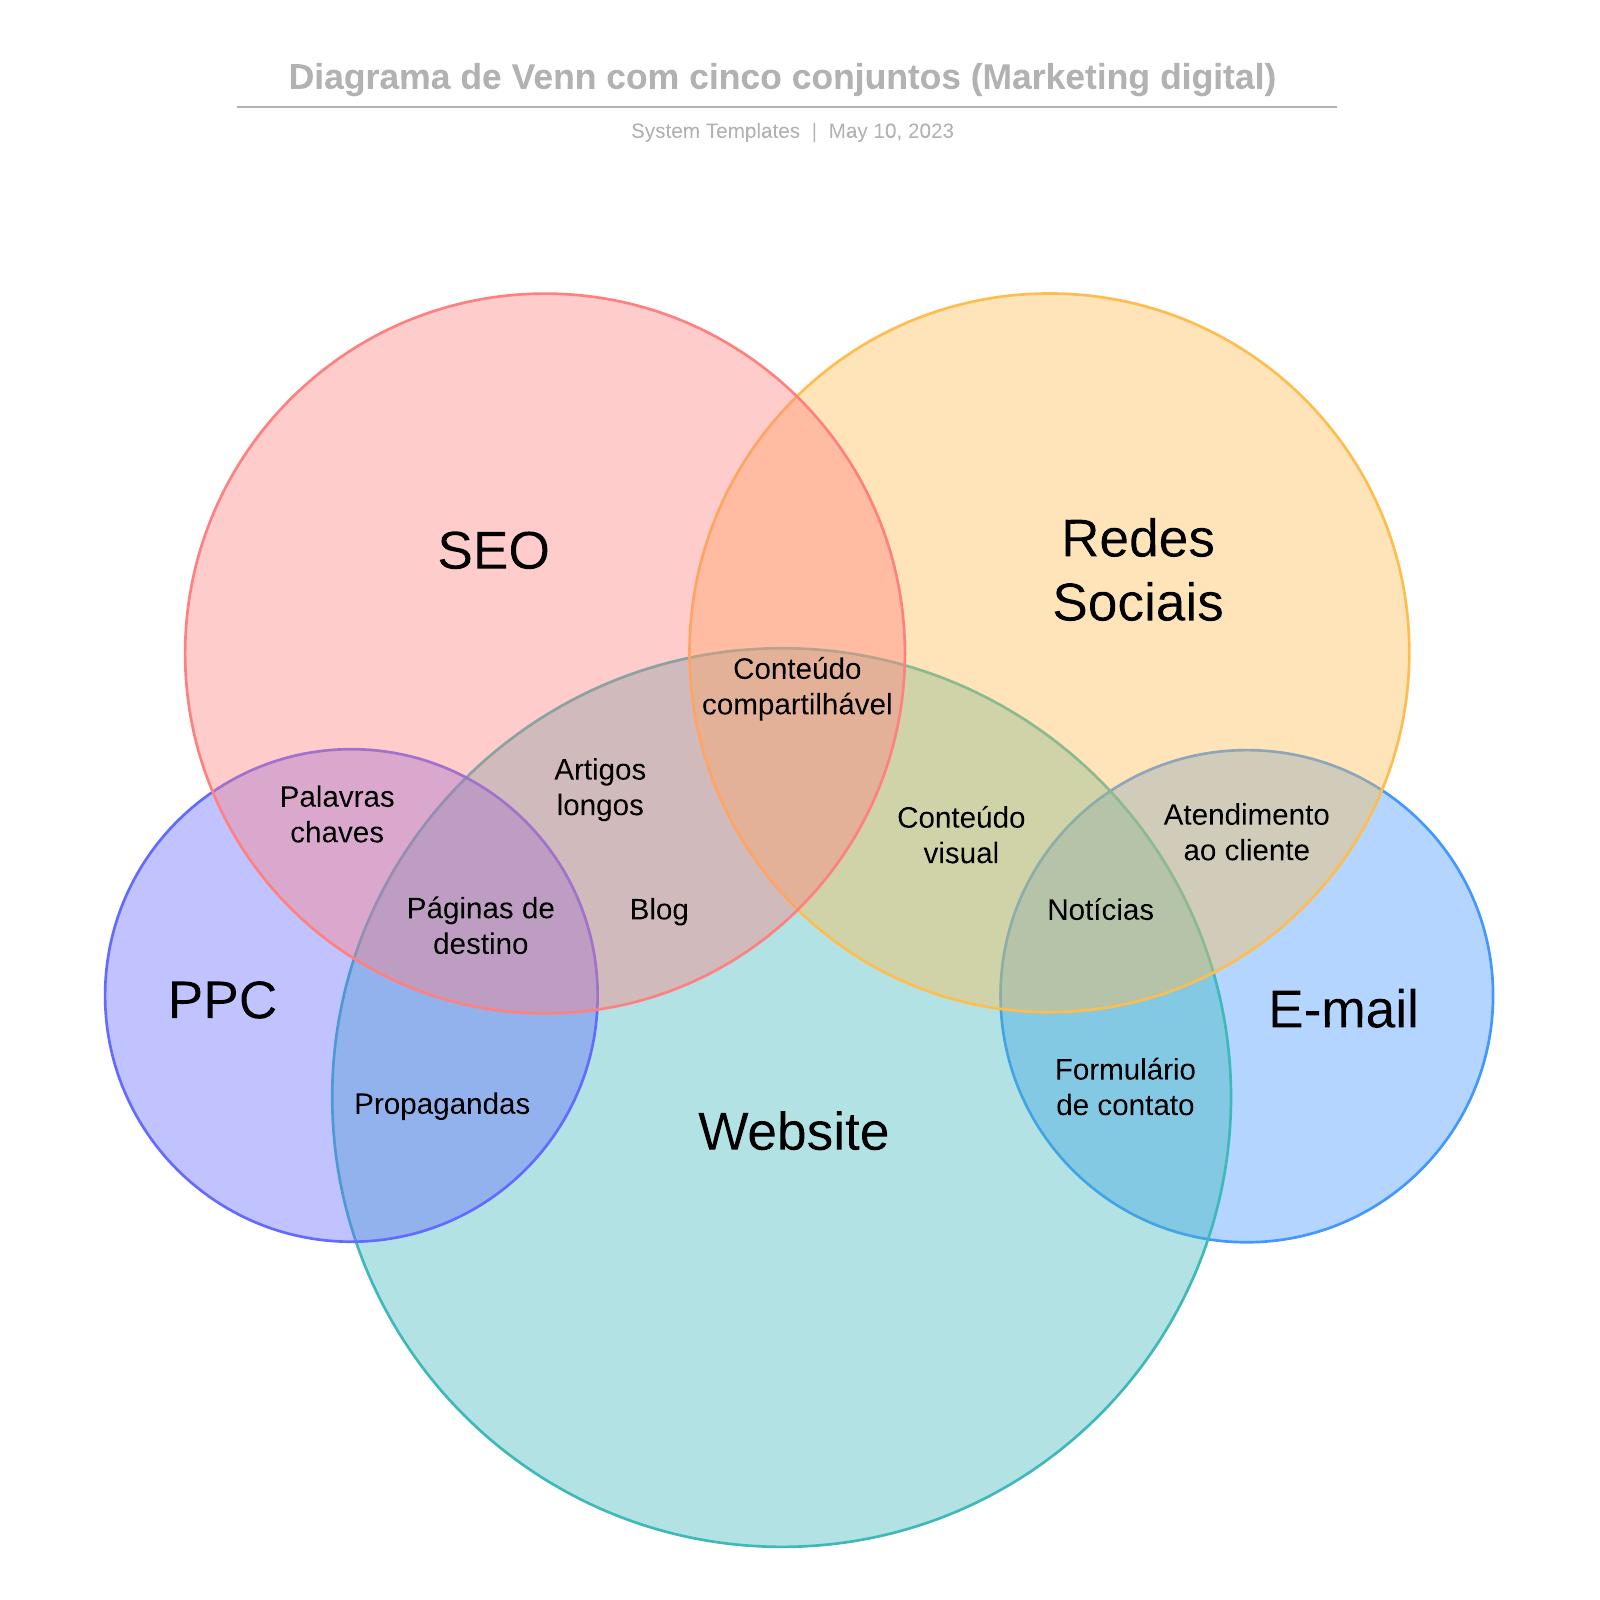 Diagrama de Venn com cinco conjuntos (Marketing digital)